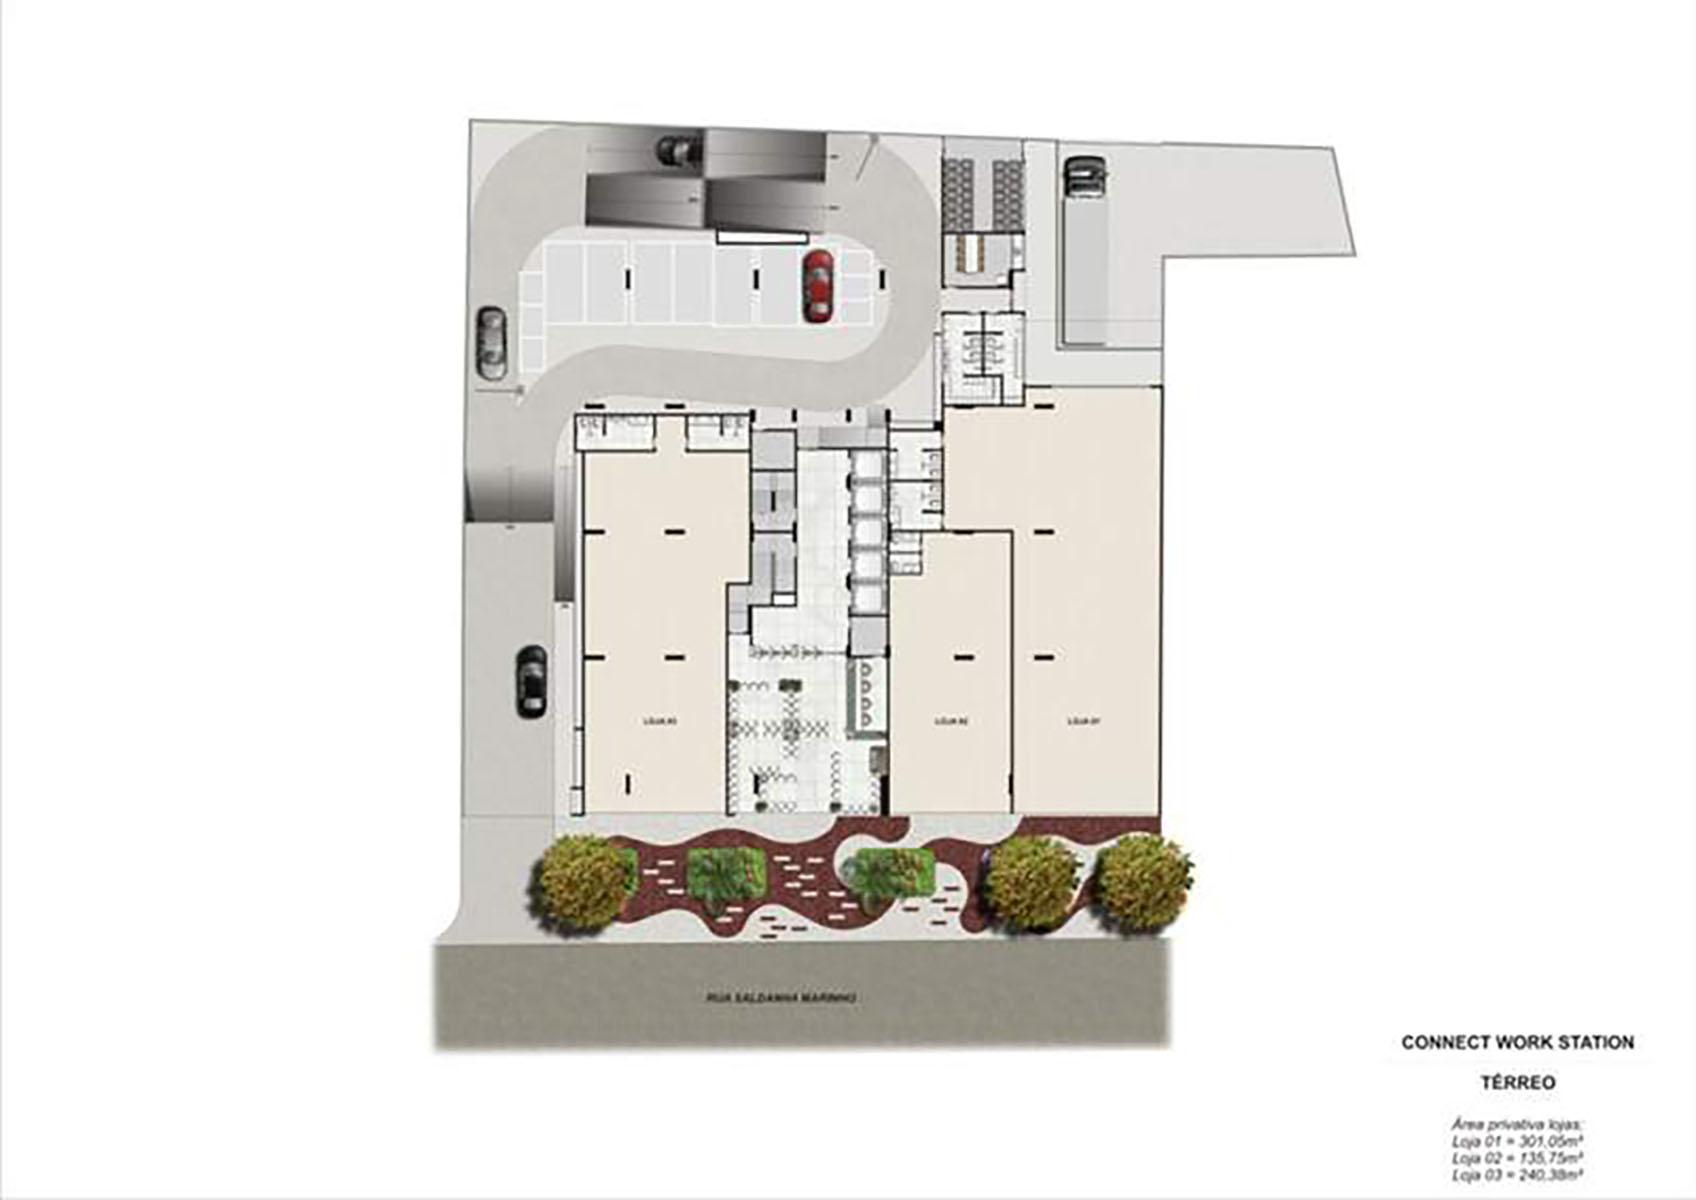 Ilustração Artística da Planta do Térreo Connect Work Station